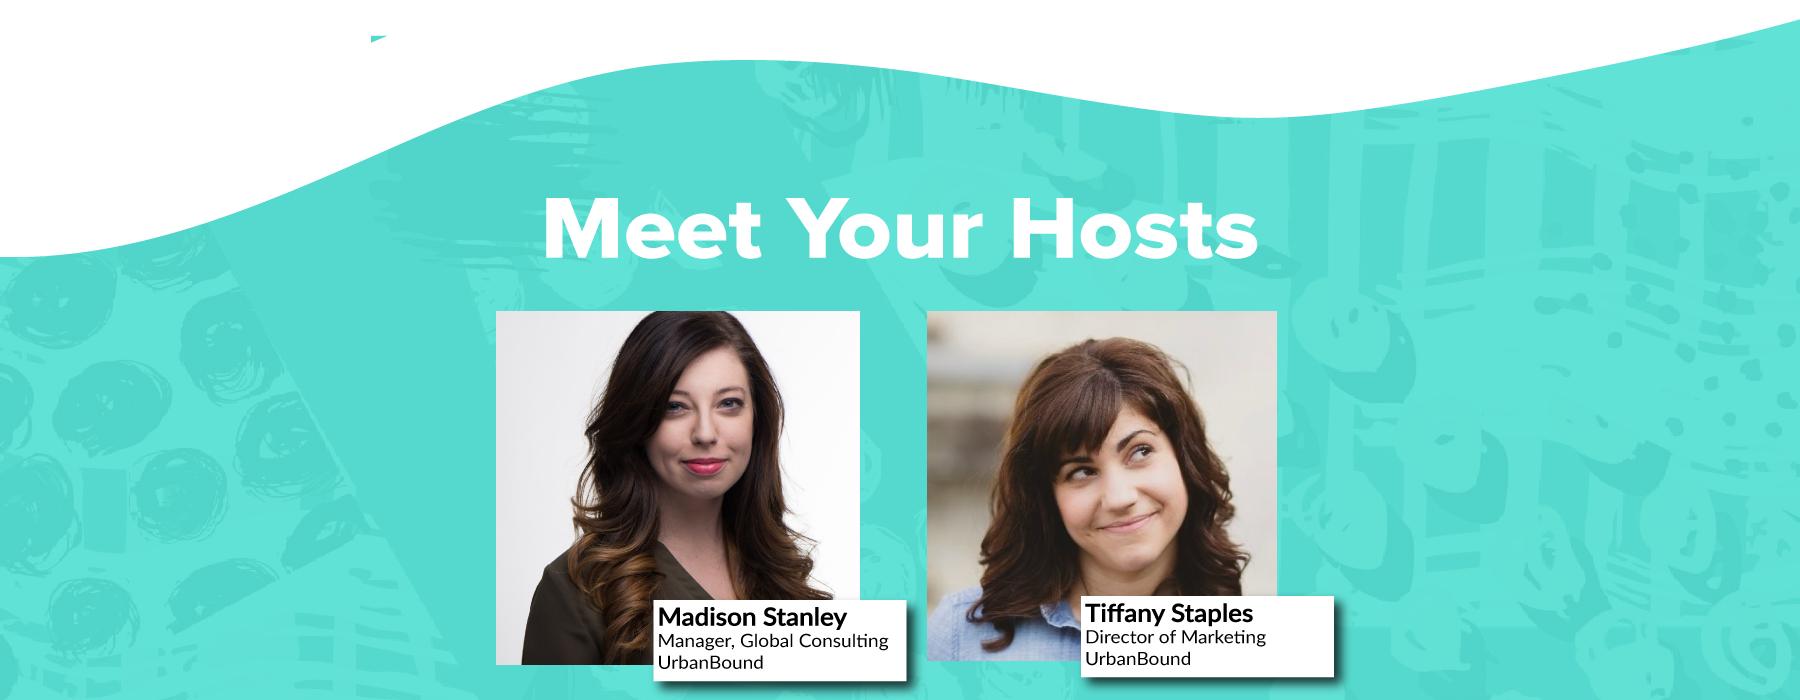 Meet-Your-Hosts---ThePerfectMatch